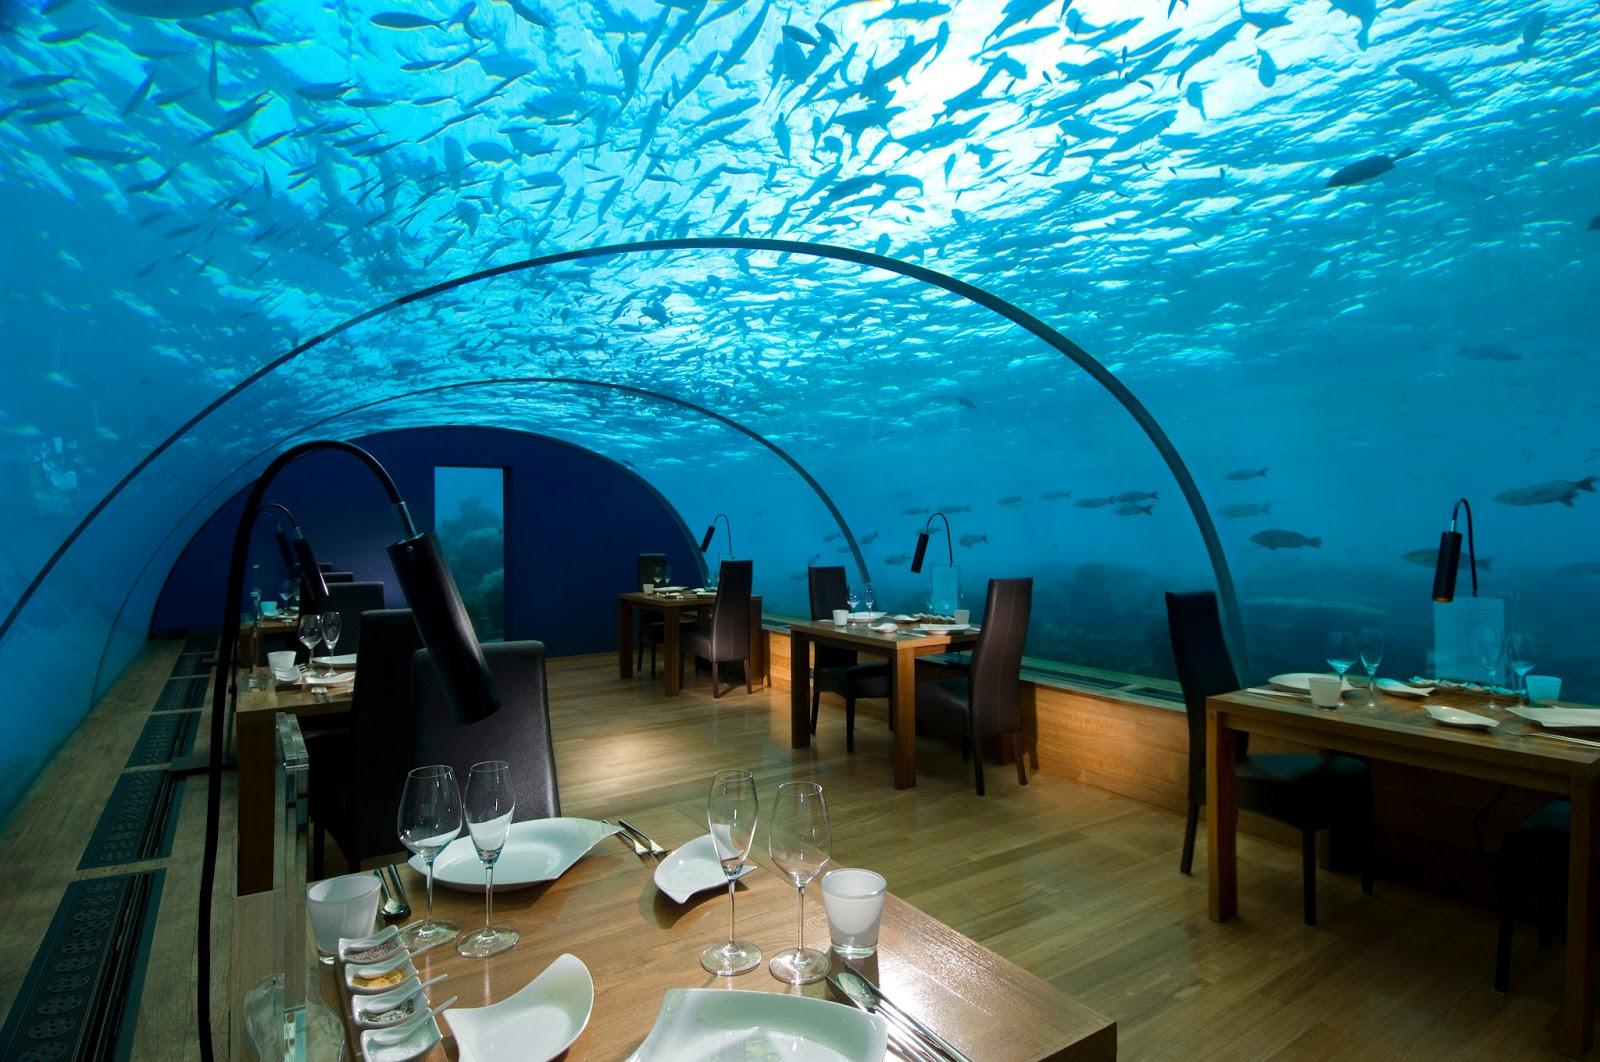 Restaurant Jumeirah Hotel